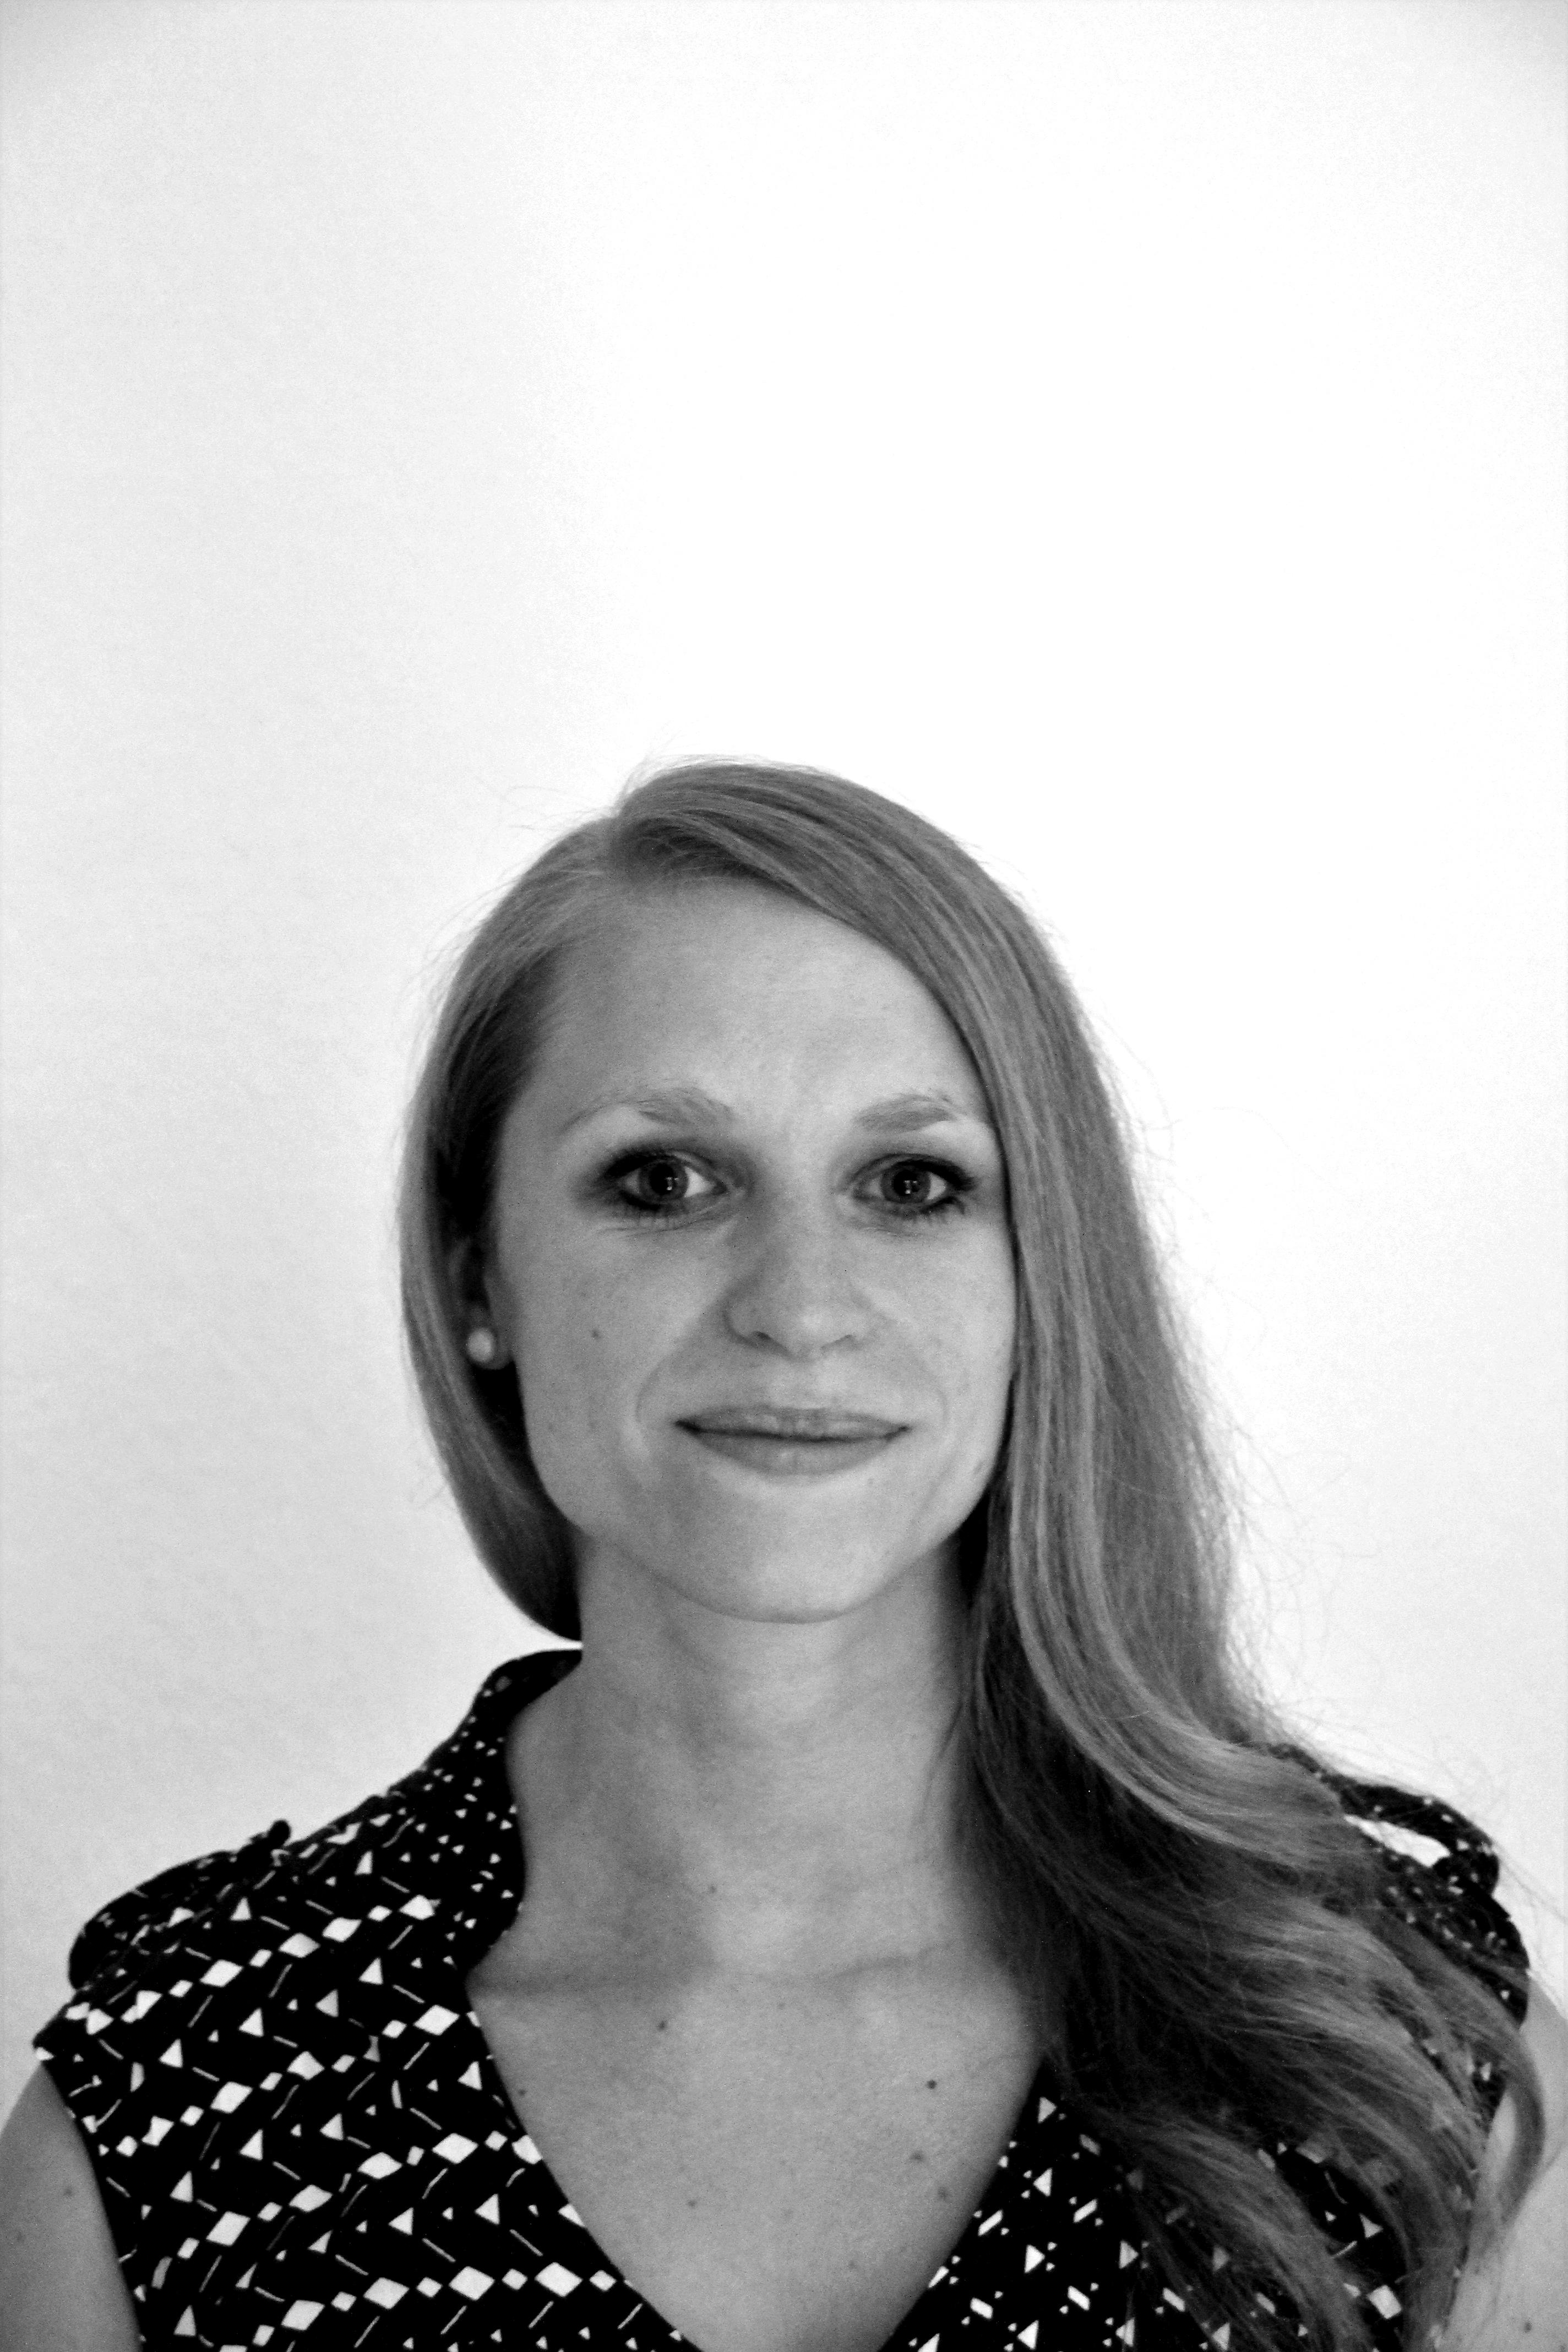 Katrin Schmieder